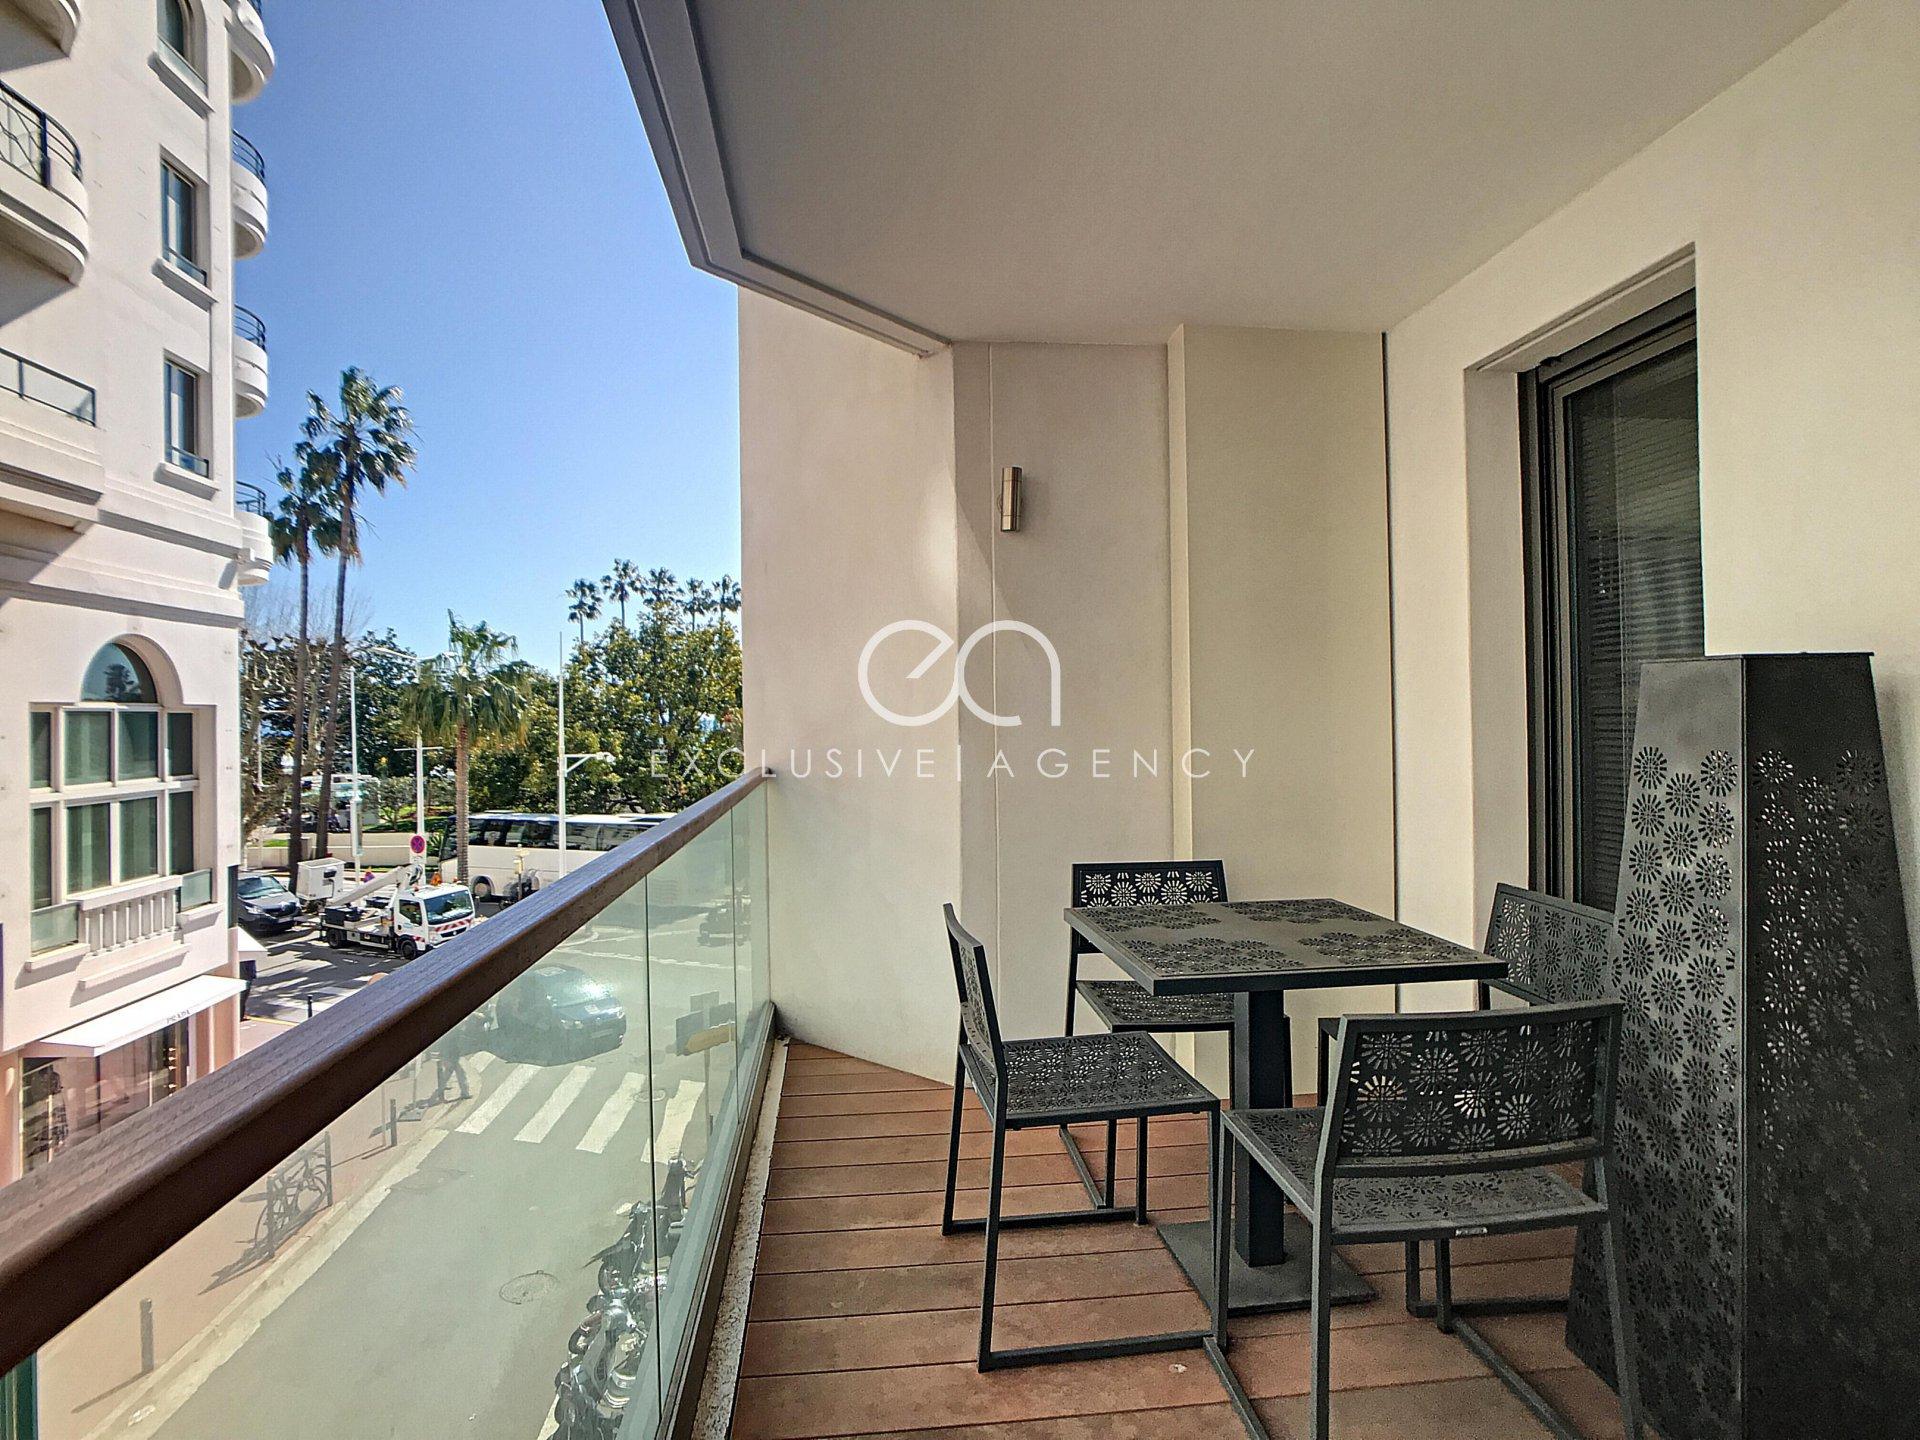 Cannes Croisette face au Palais des Festivals location congrès pour 2 à 4 personnes 3 pièces 70m² avec terrasse.